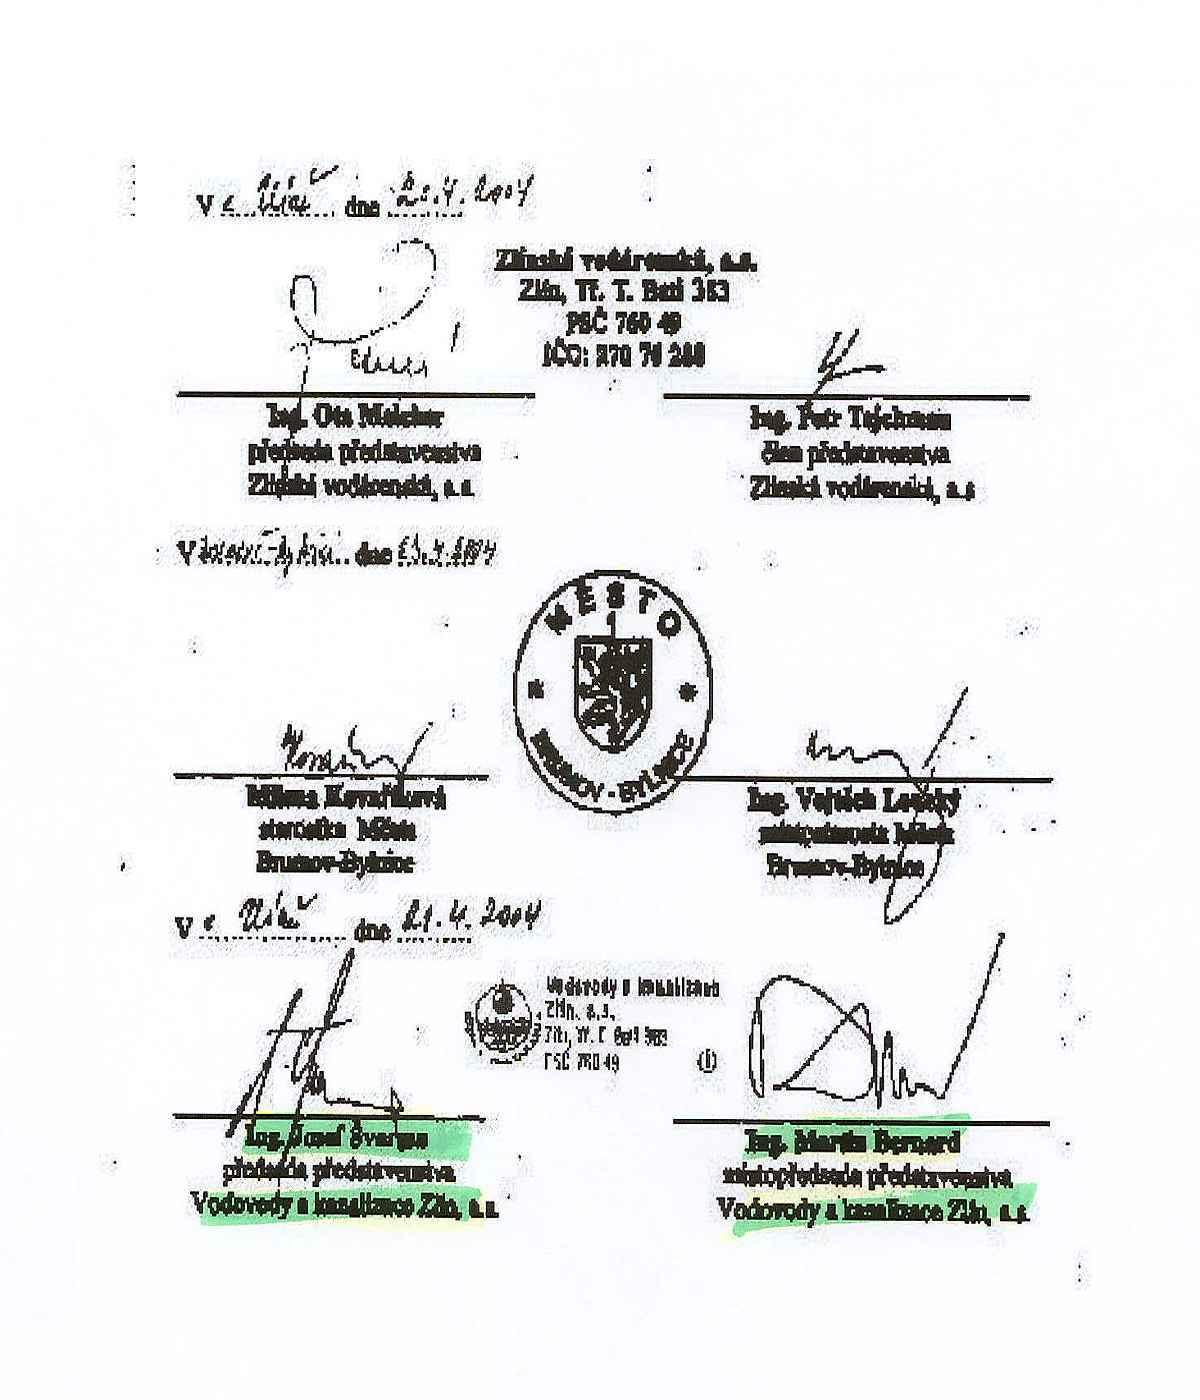 Smlouvy vedoucí k podpisu smlouv s Veolií podepisují lidé z Veolie nebo pro ni pracující!